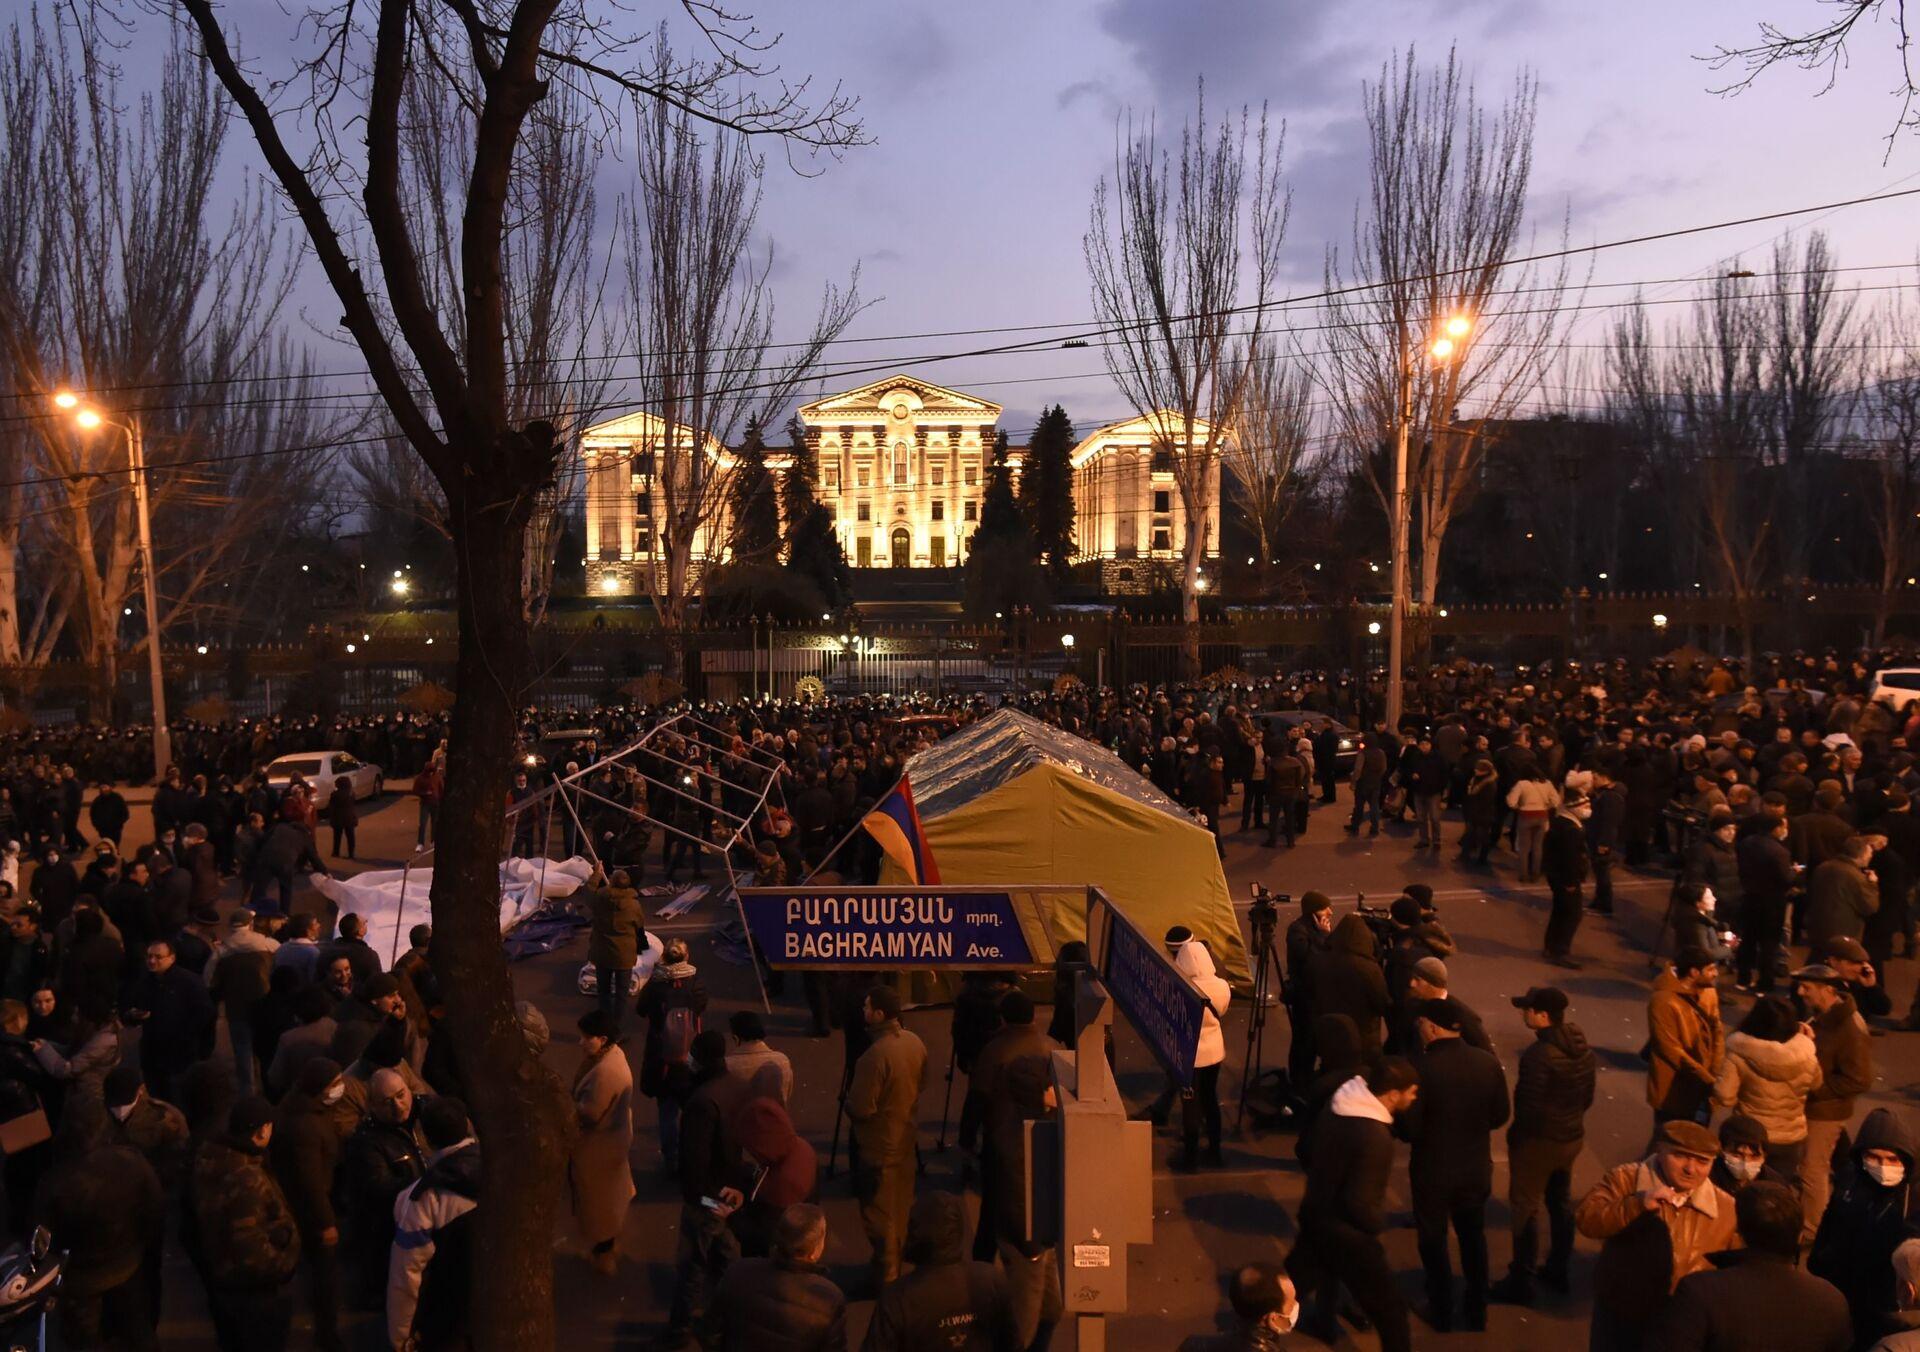 Phe phản đối Thủ tướng Armenia Pashinyan xông vào tòa nhà chính phủ - Sputnik Việt Nam, 1920, 01.03.2021